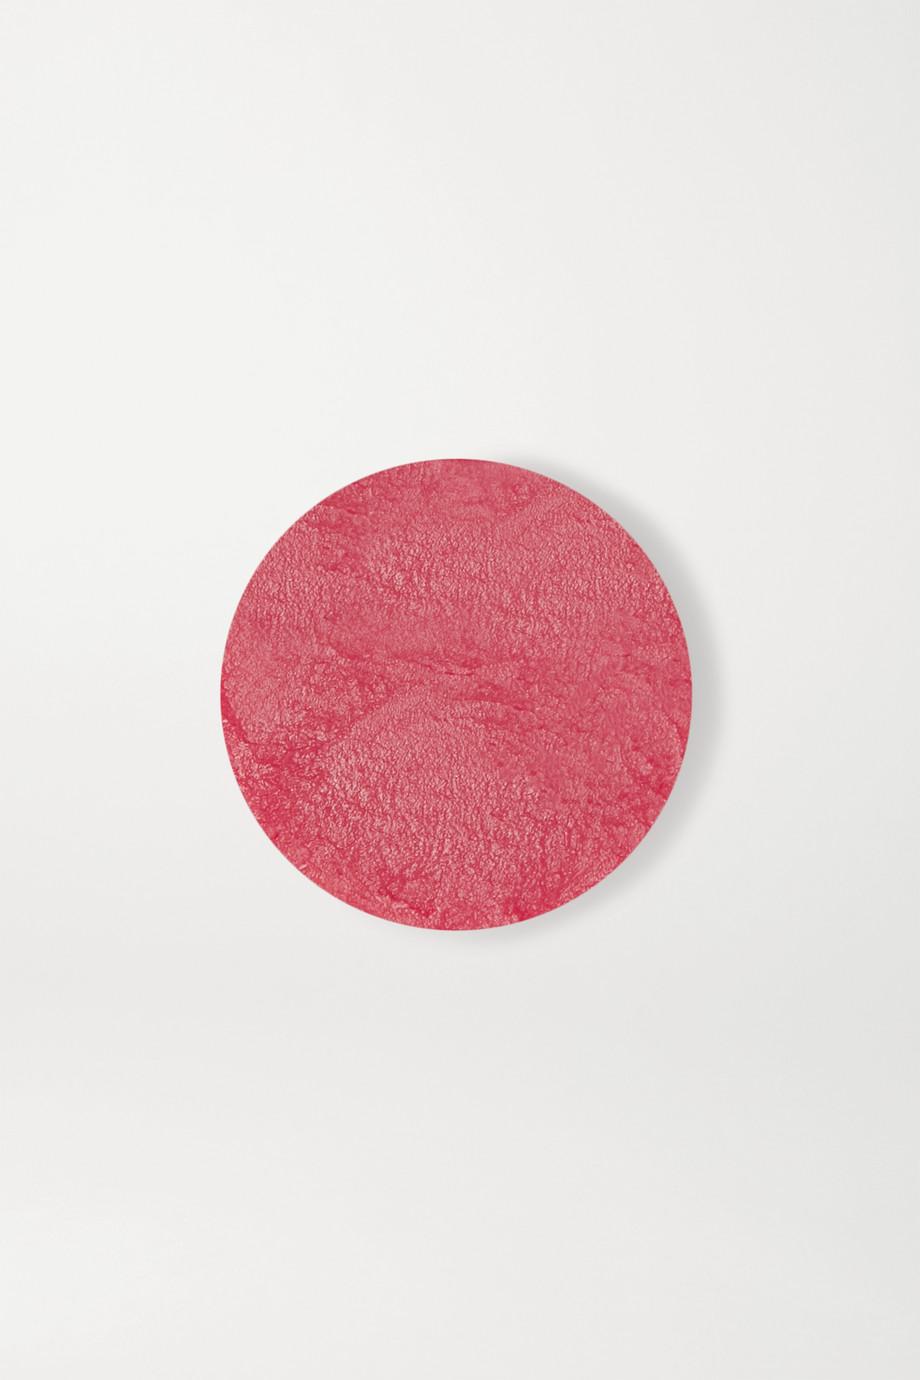 La Bouche Rouge Lip Balm Refill - Peach